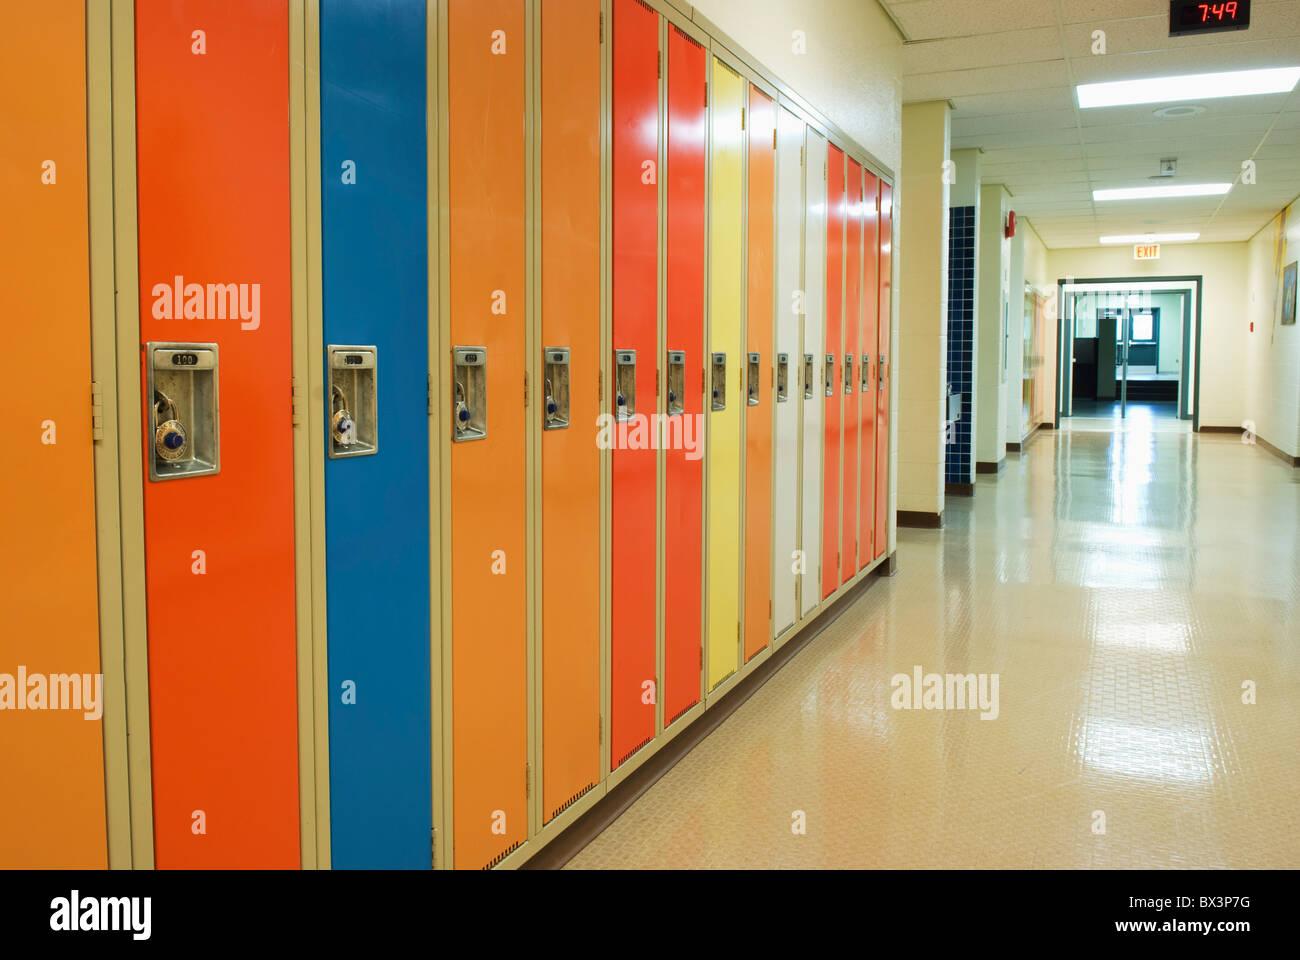 Una fila de taquillas en un pasillo de la escuela; Camrose, Alberta, Canadá Imagen De Stock